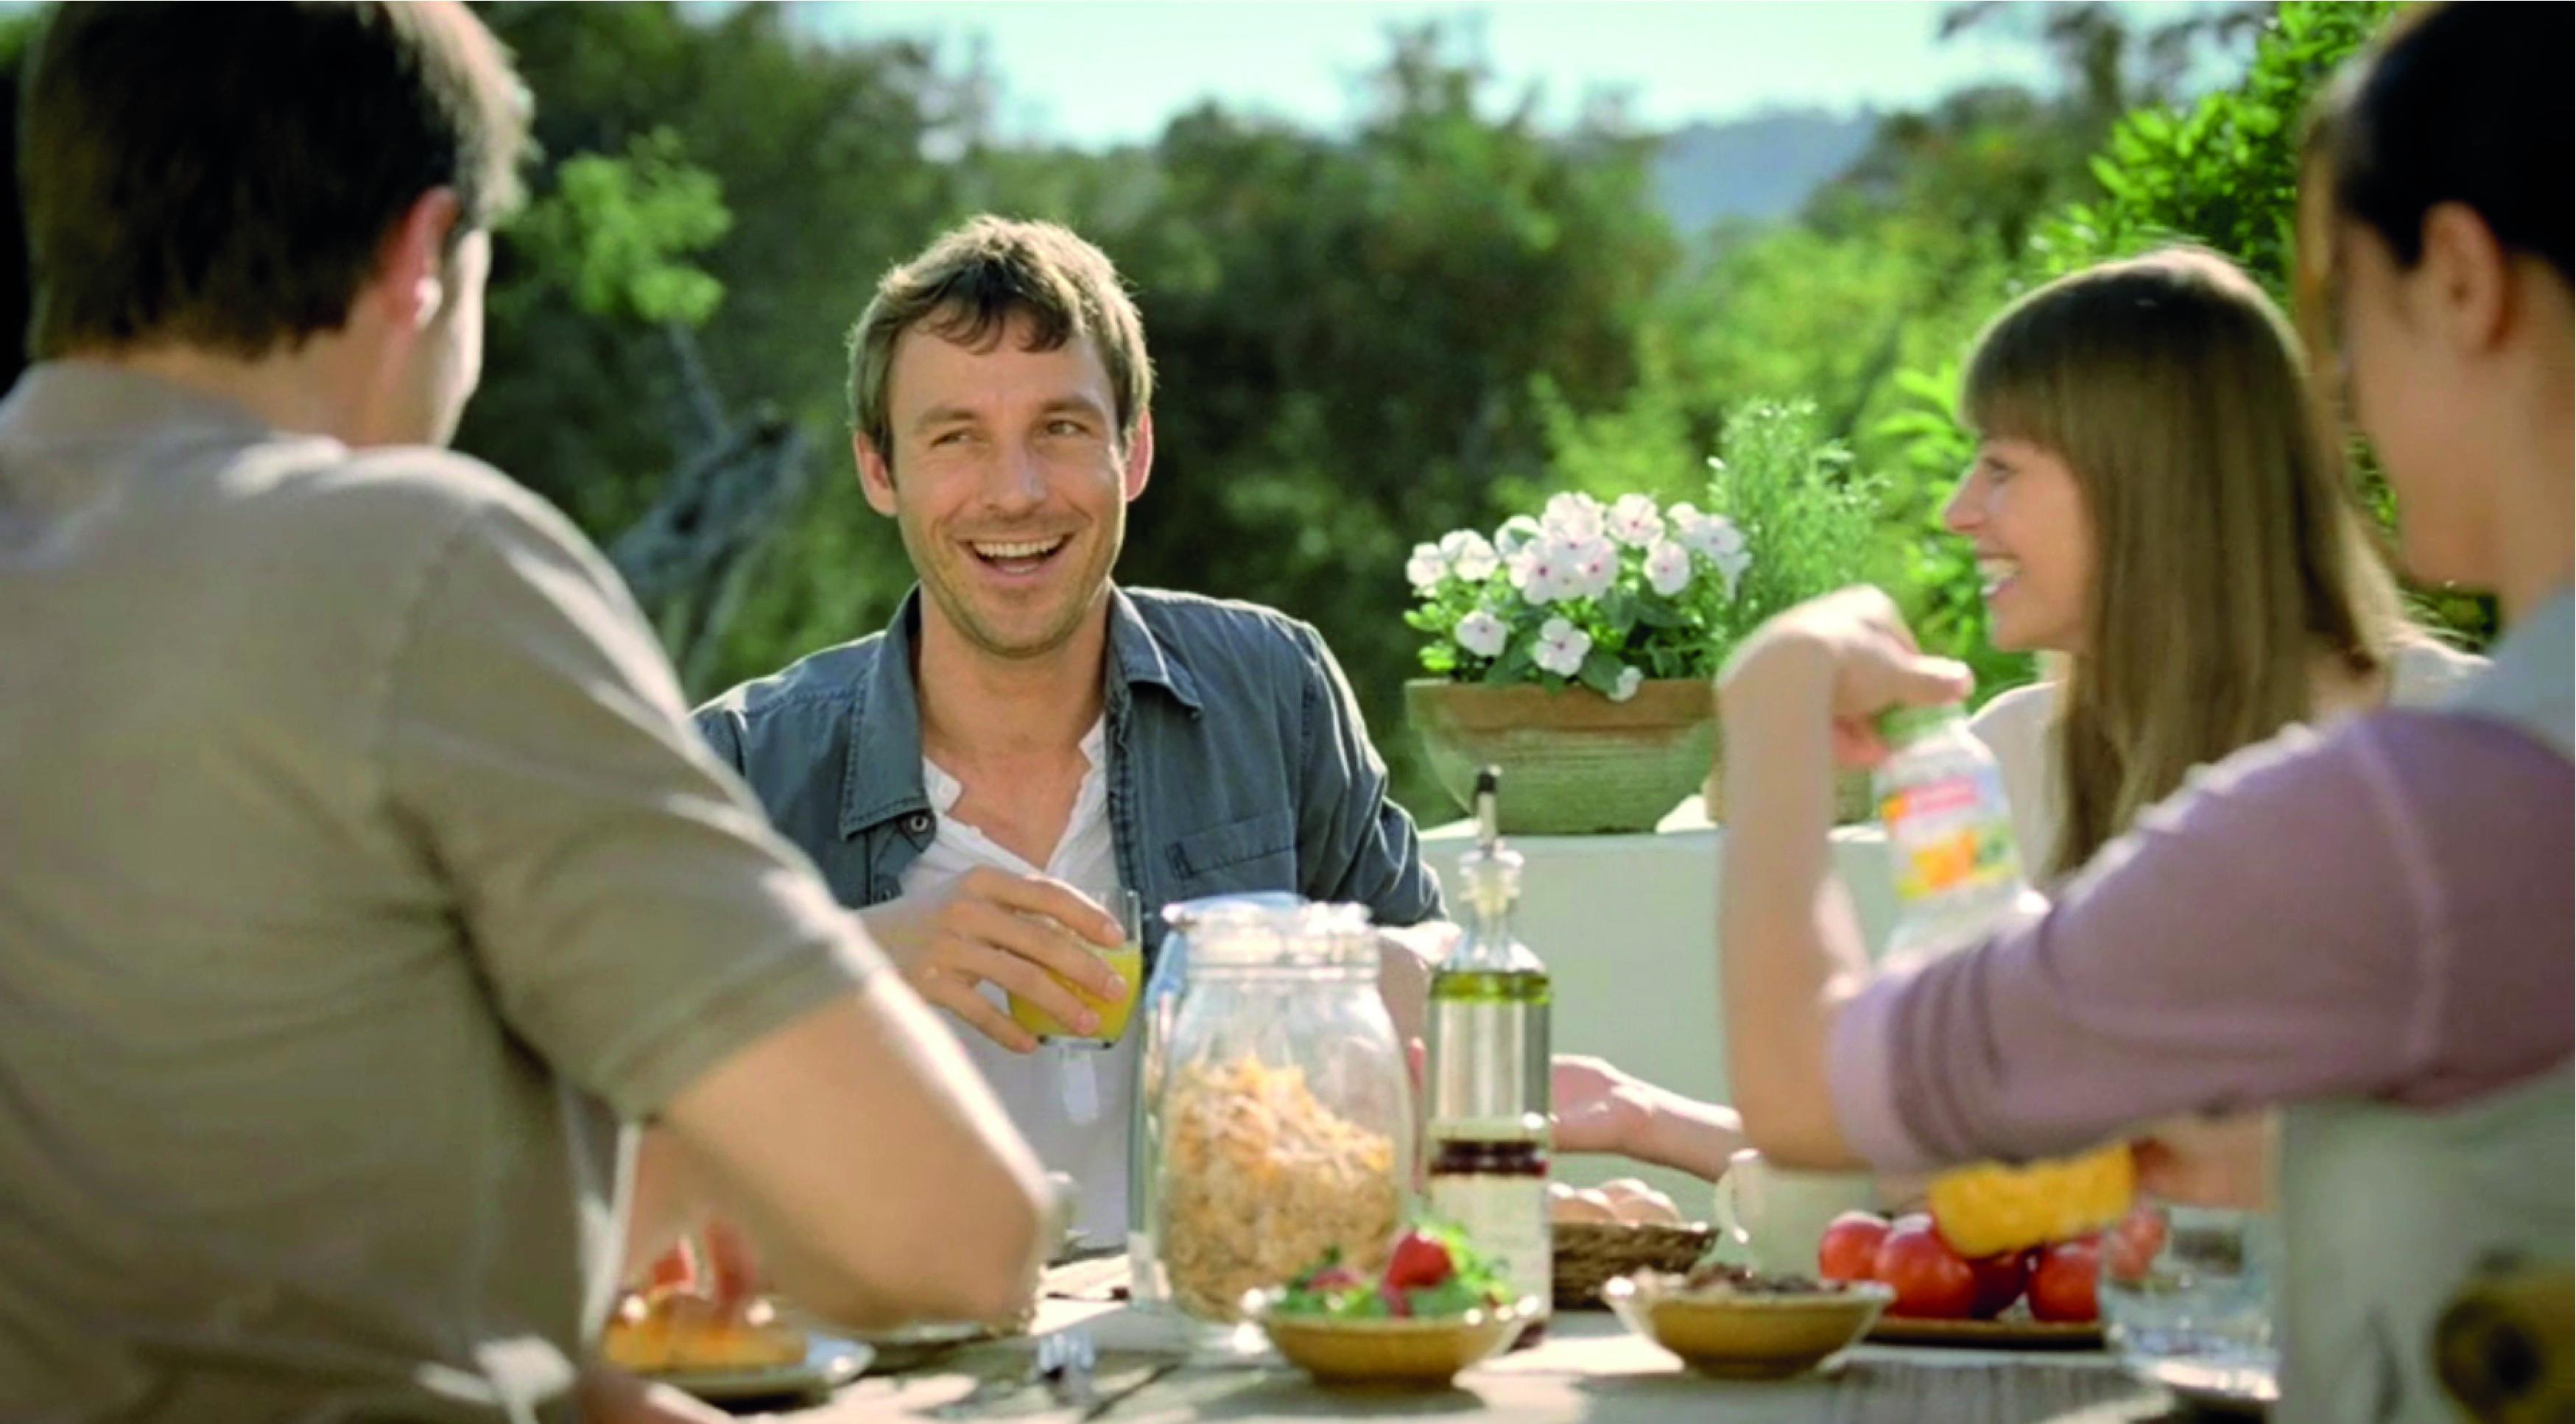 Lachende Menschen am Frühstückstisch